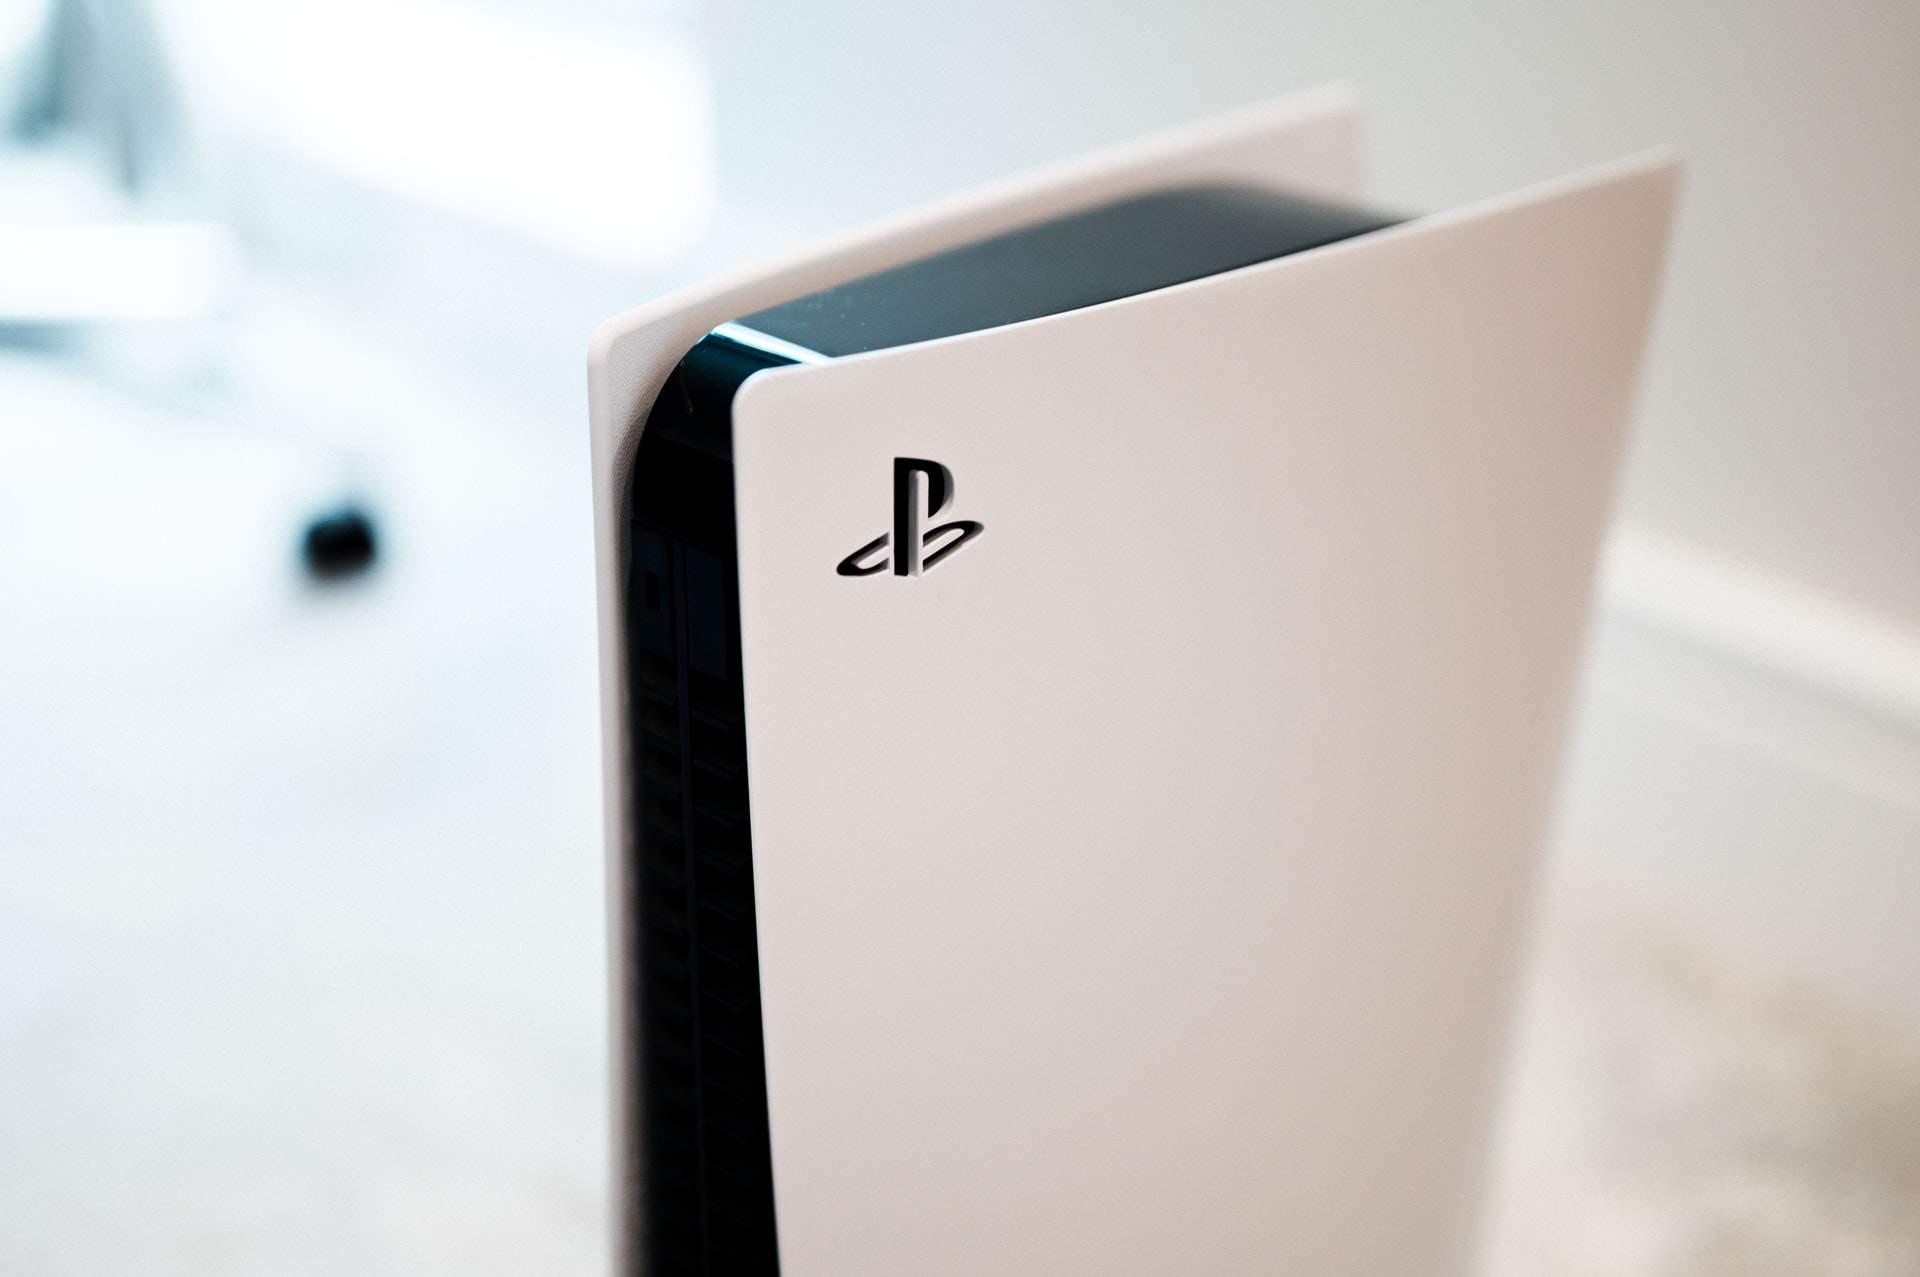 Comprar Playstation 5, una misión imposible